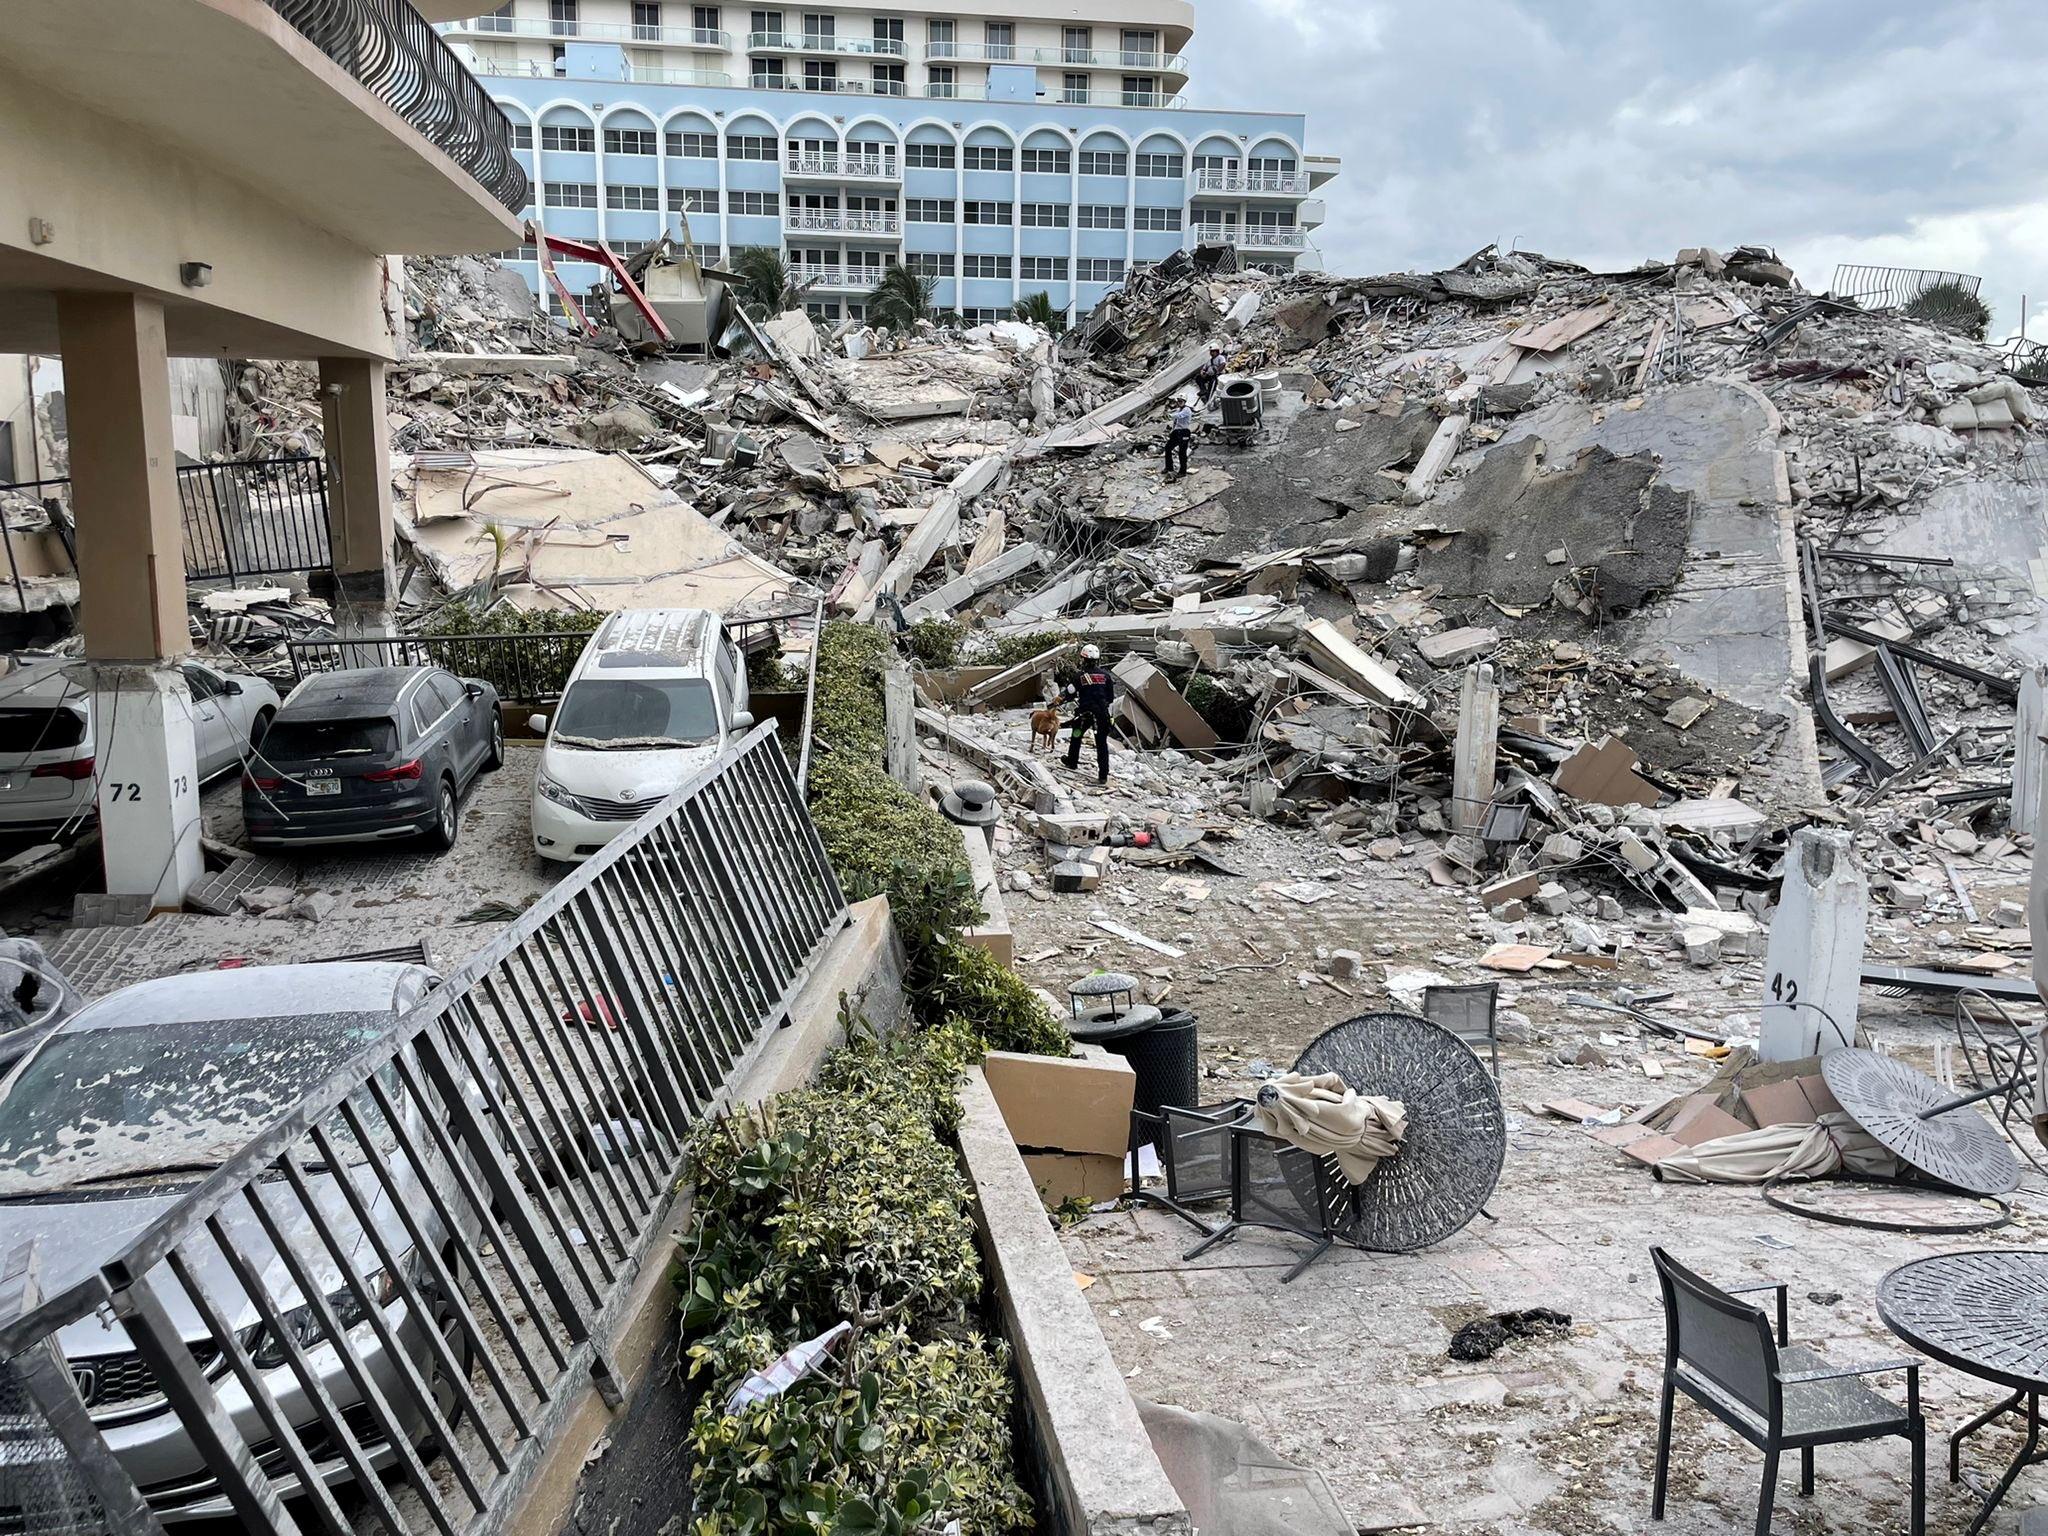 Derrumbe de un edificio en Miami: Hay al menos cuatro argentinos desaparecidos